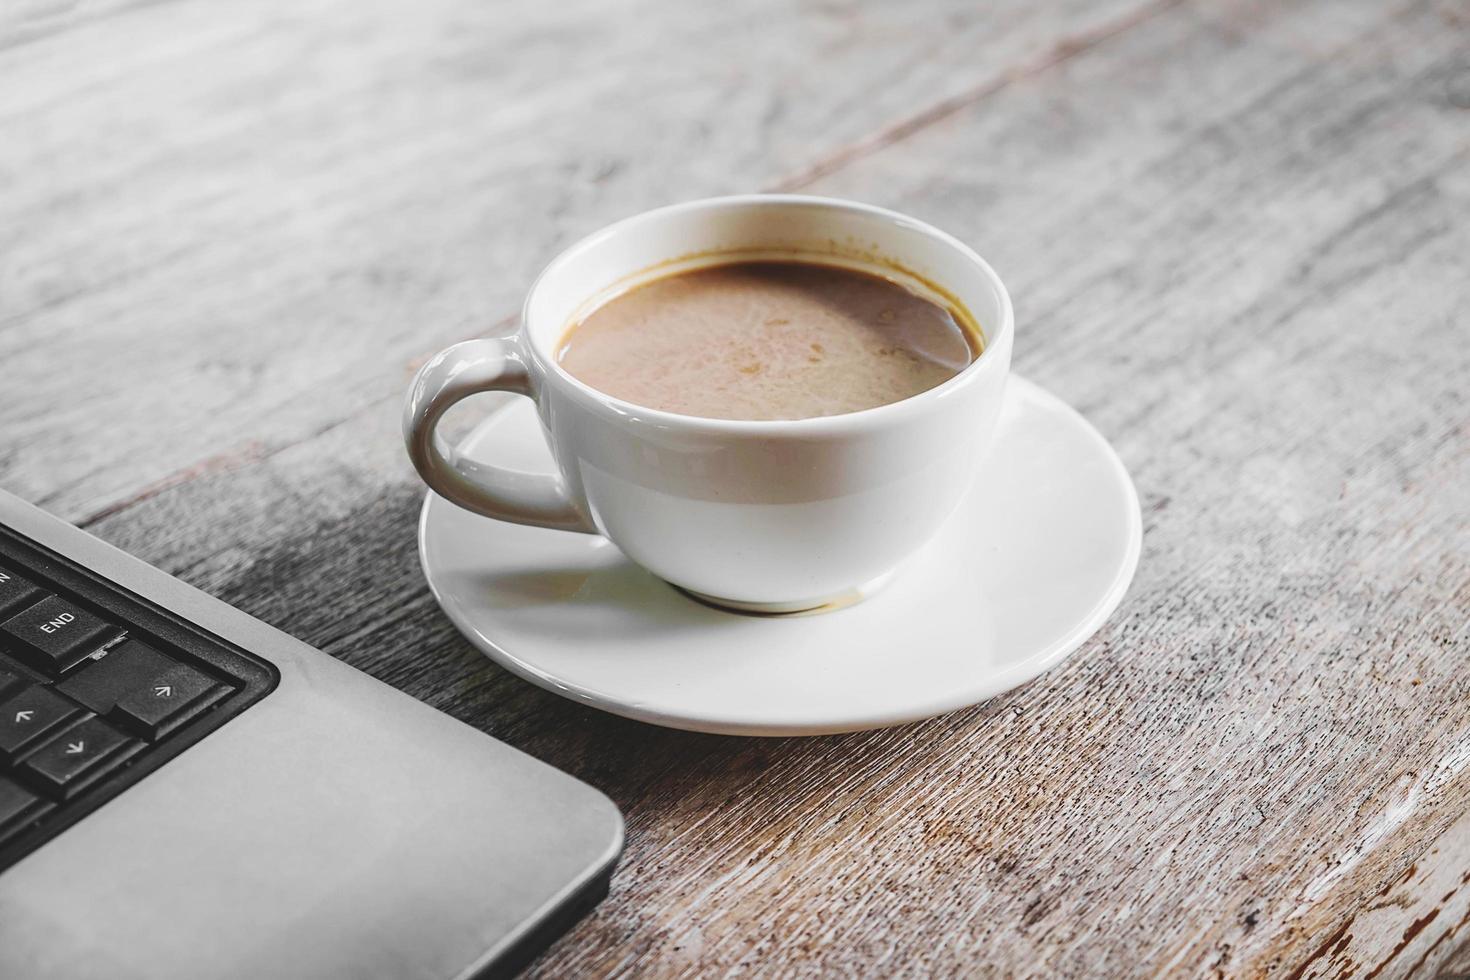 tasse de café et un ordinateur portable photo